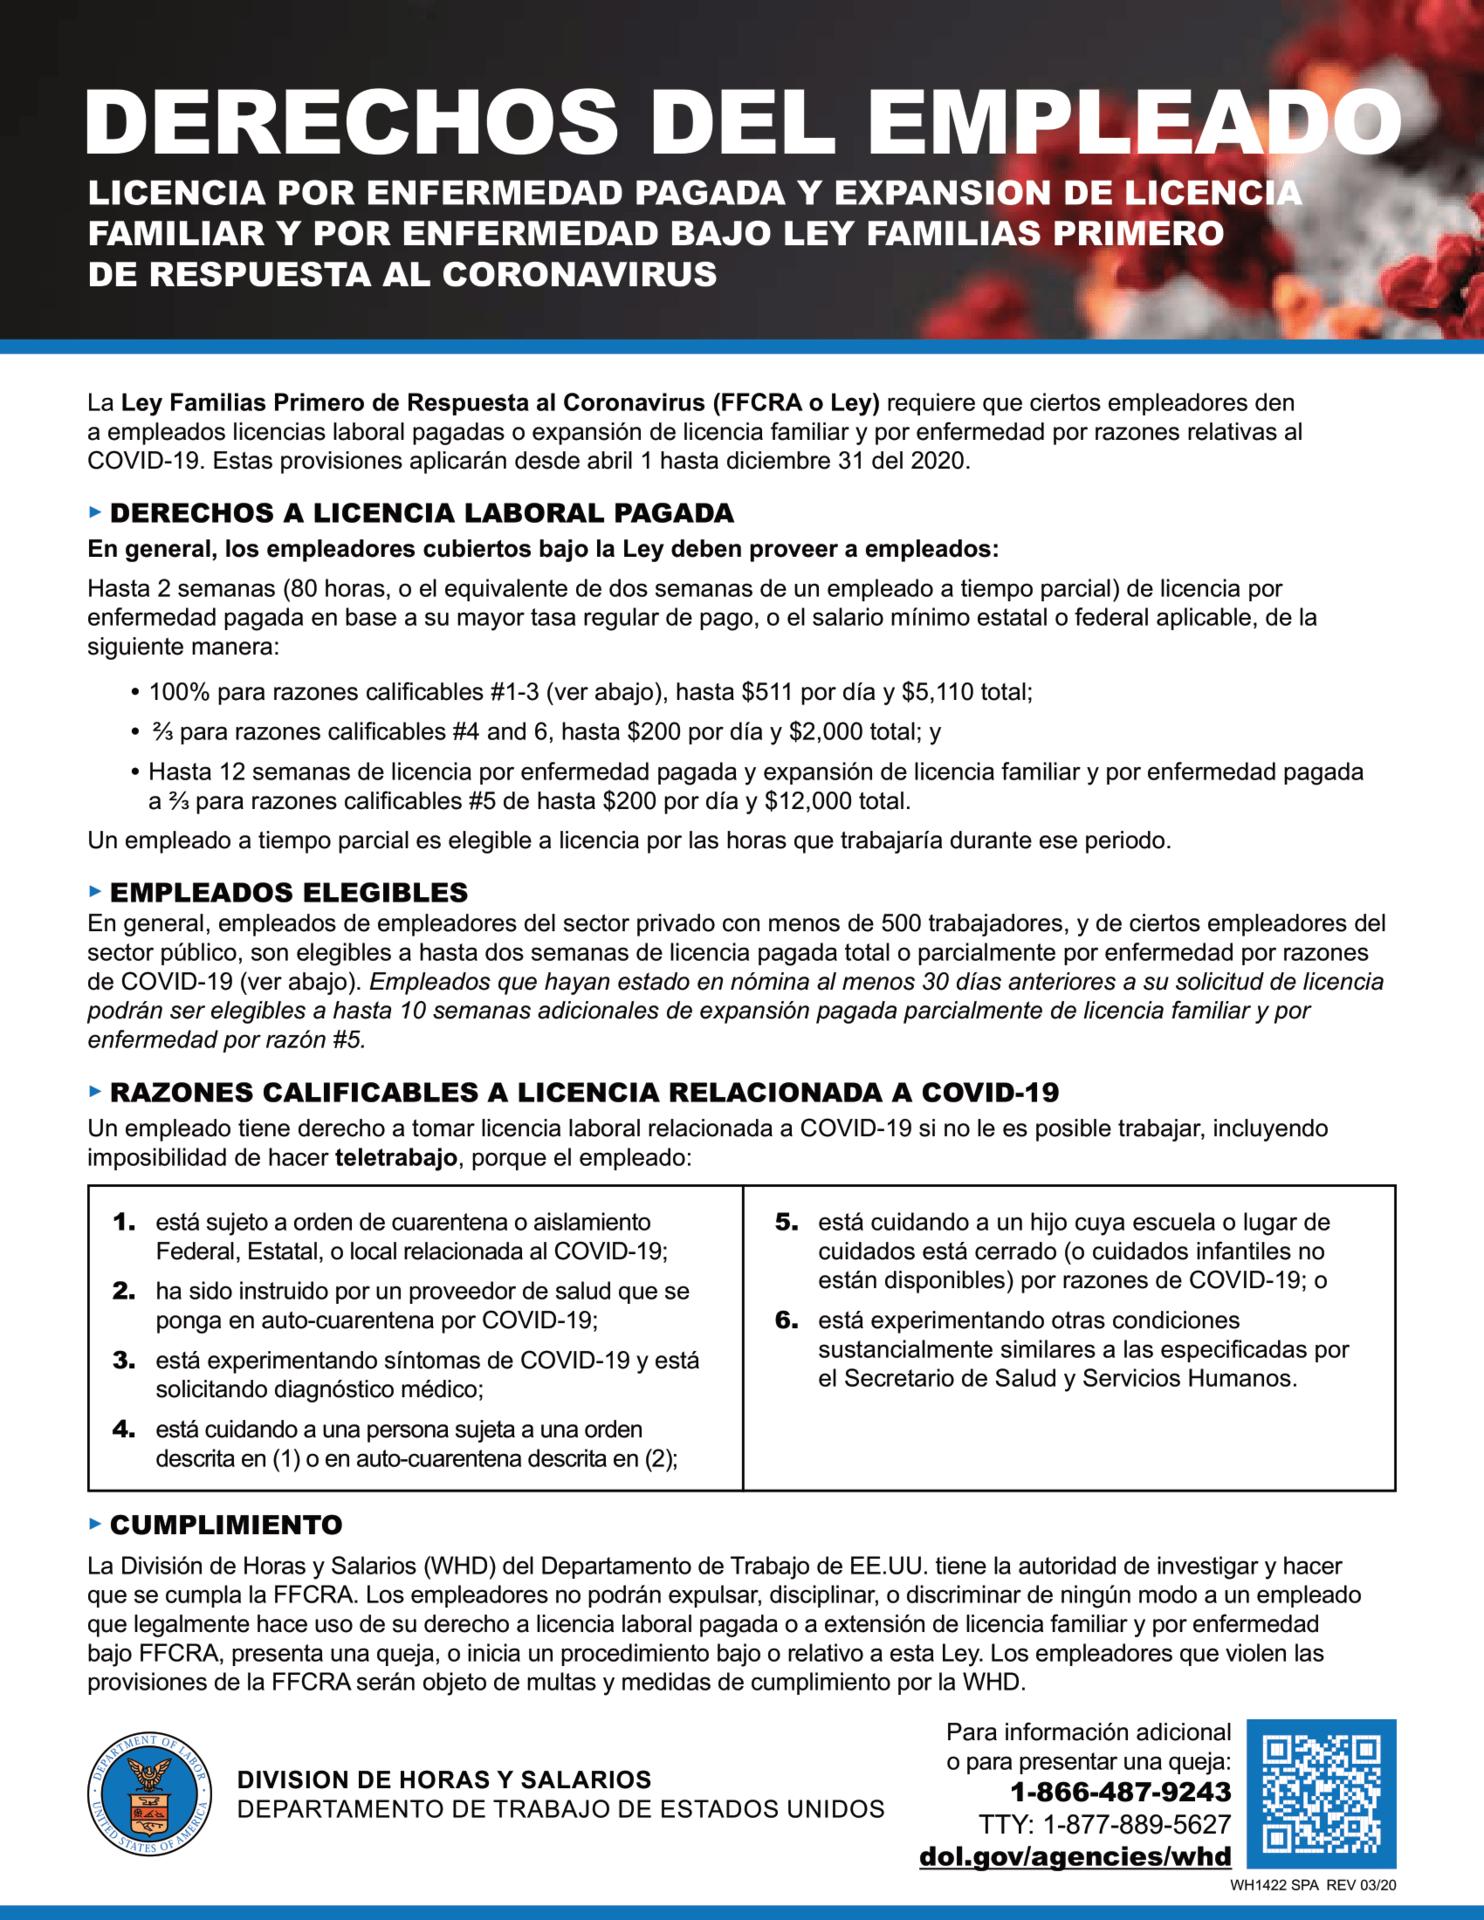 Derechos del empleado. licencia por enfermedad pagada y expansion de licencia familiar y por efermedad bajo ley familias primero de respuesta al corona virus